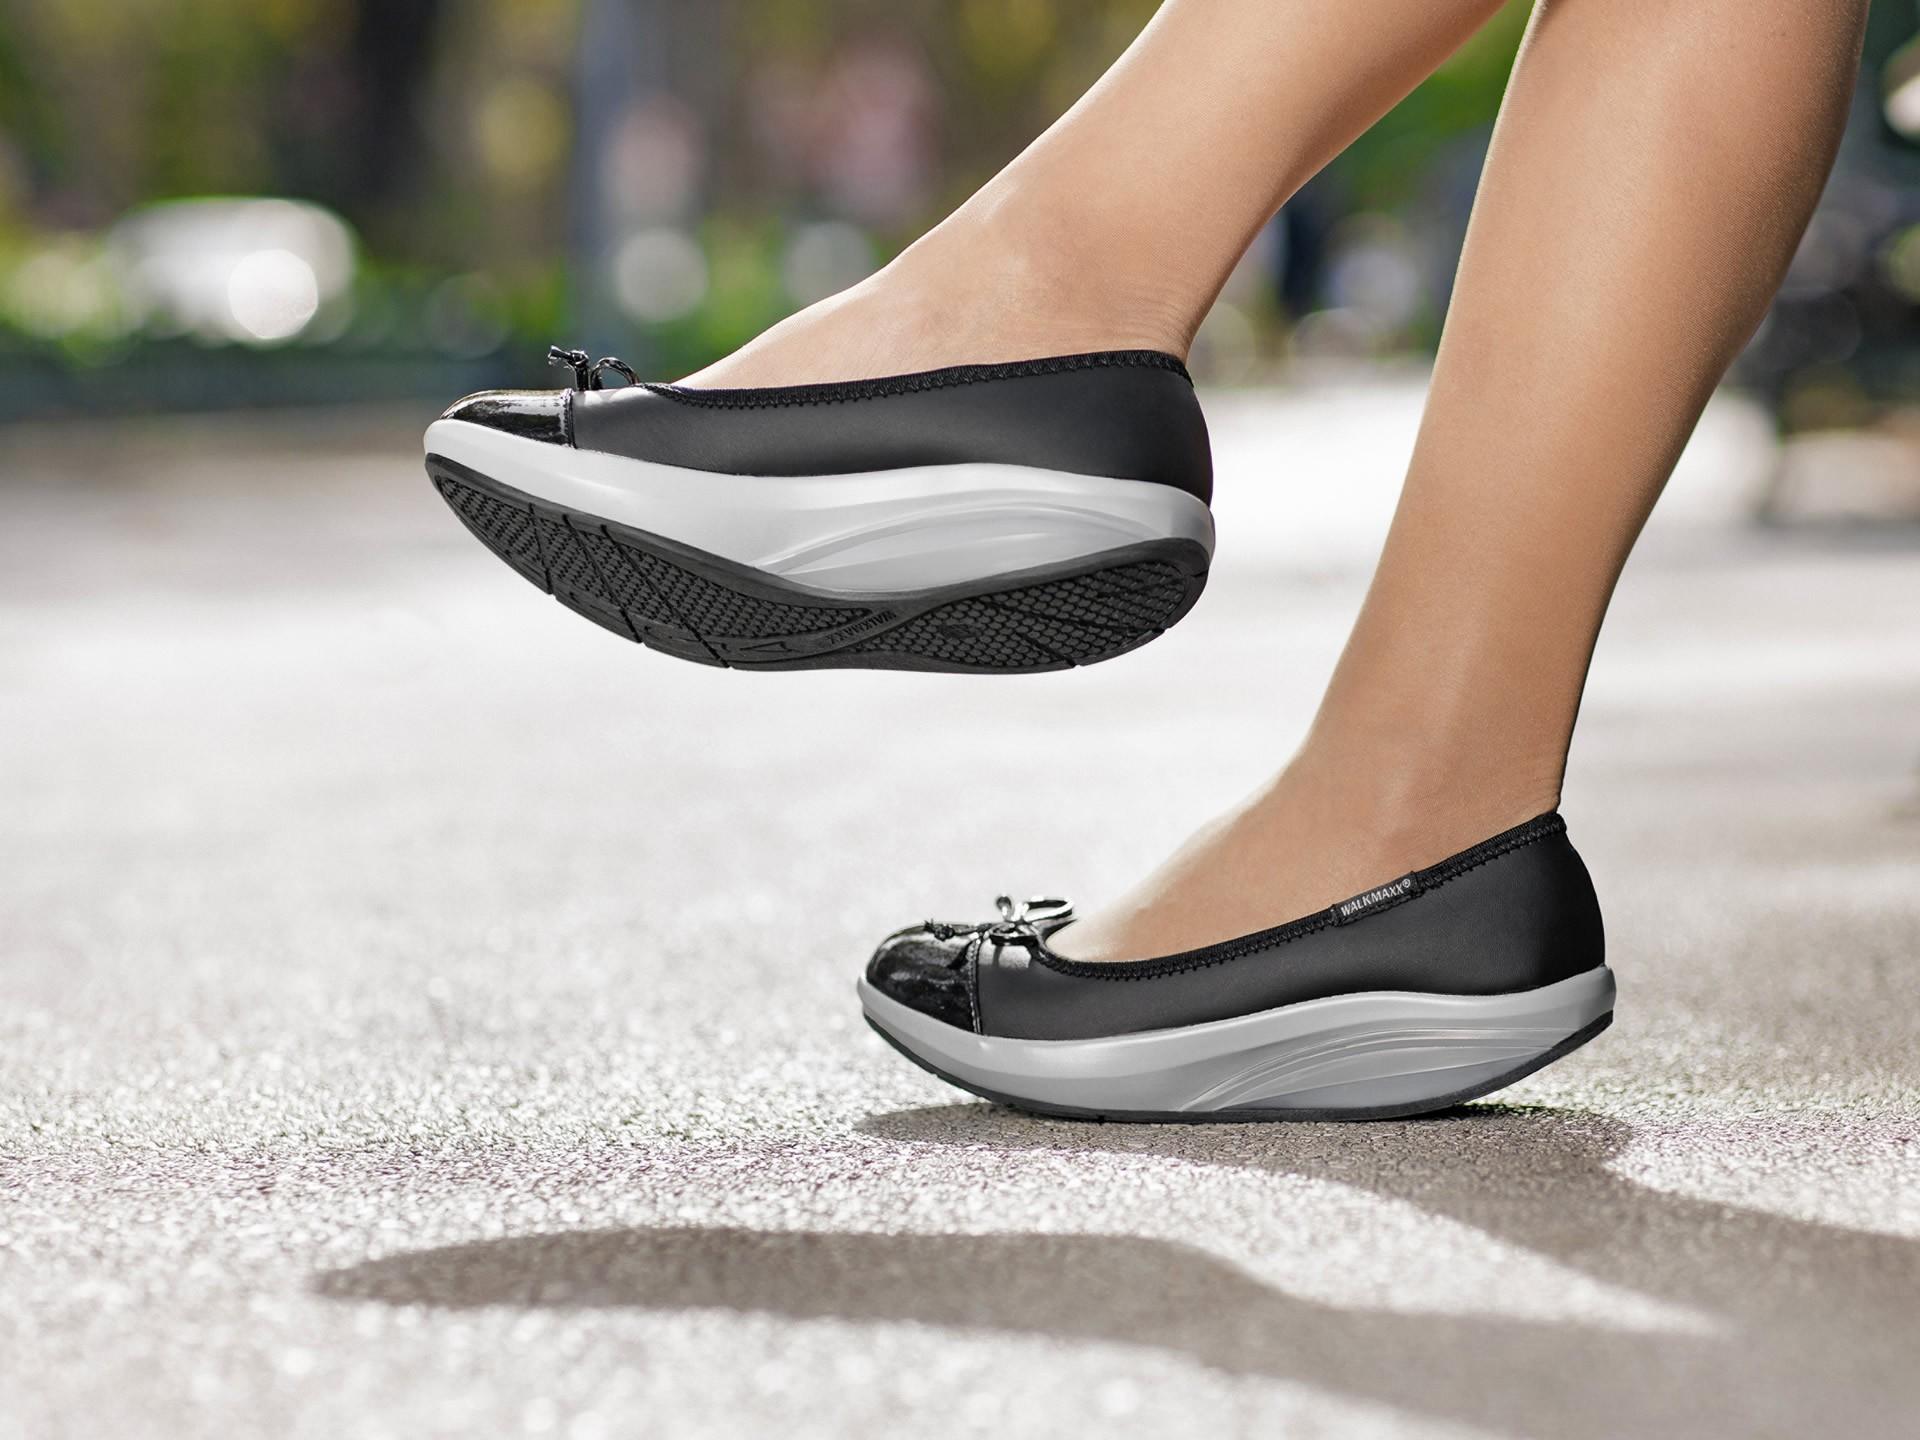 ботинки для работы купить в москве